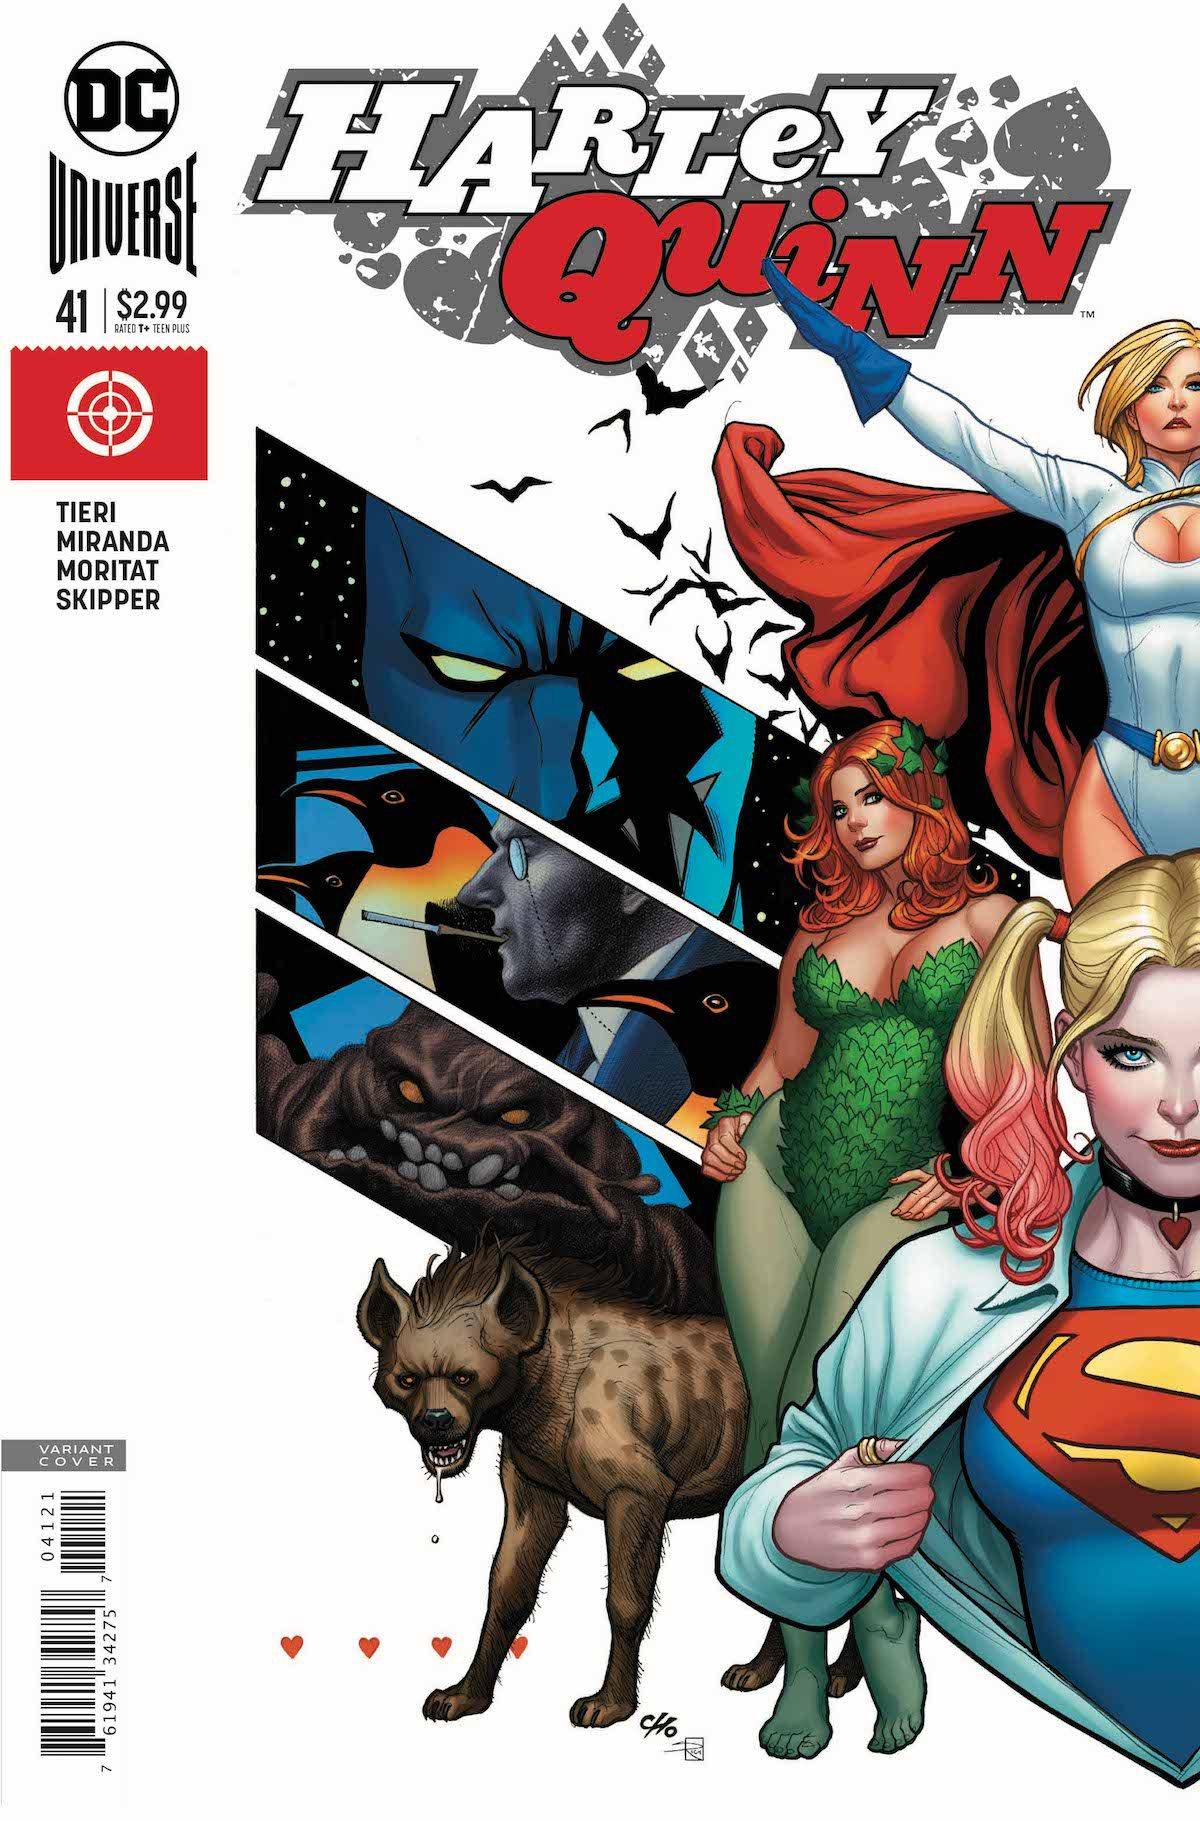 Harley Quinn #41 variant cover